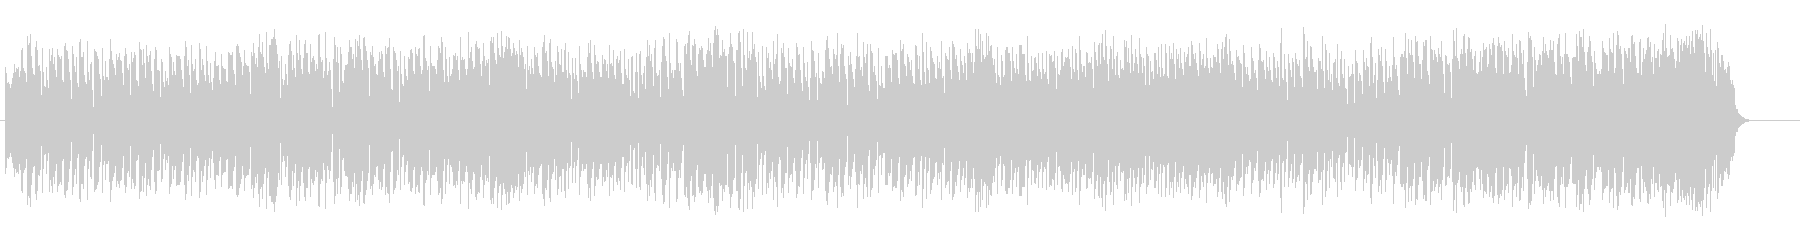 華やかさを押さえたテーマパーク音楽の未再生の波形